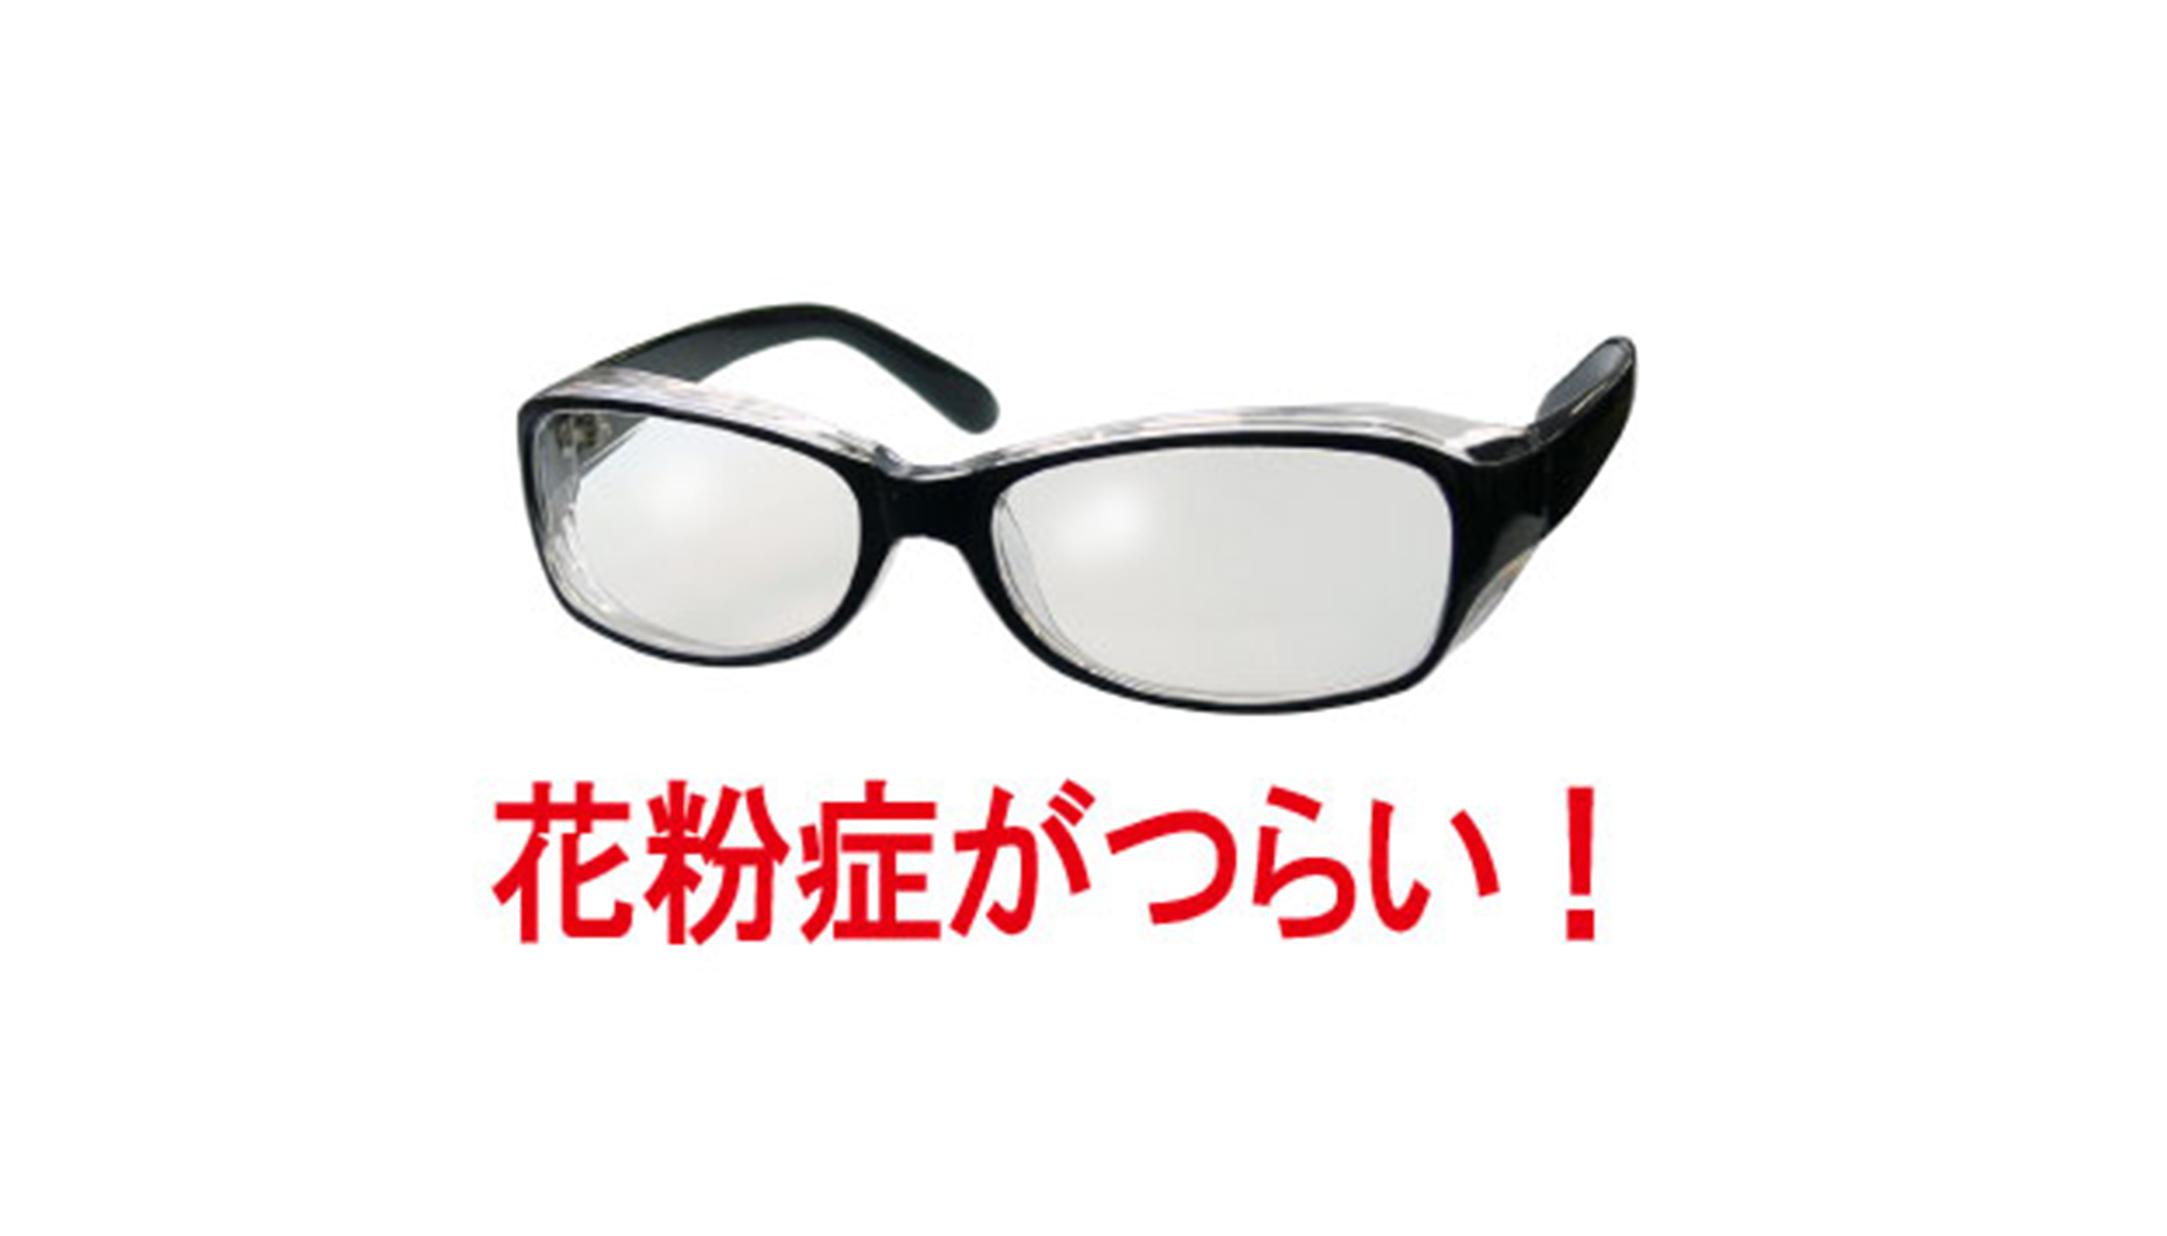 花粉症保護用メガネございます